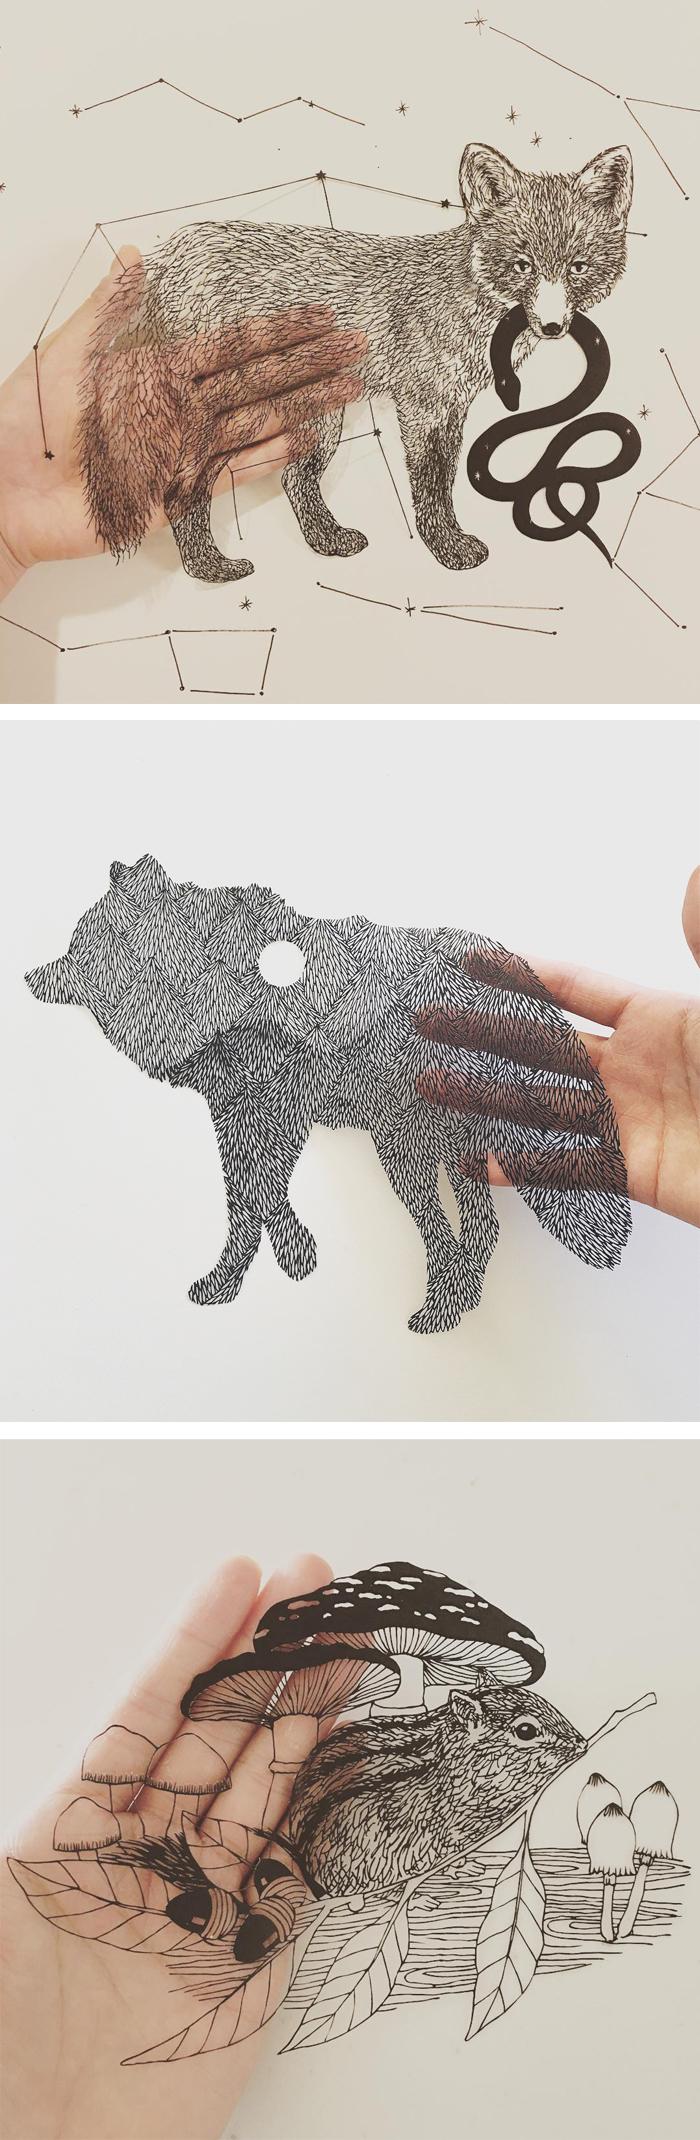 Paper cut outs by Kanako Abe #papercraft #cutouts